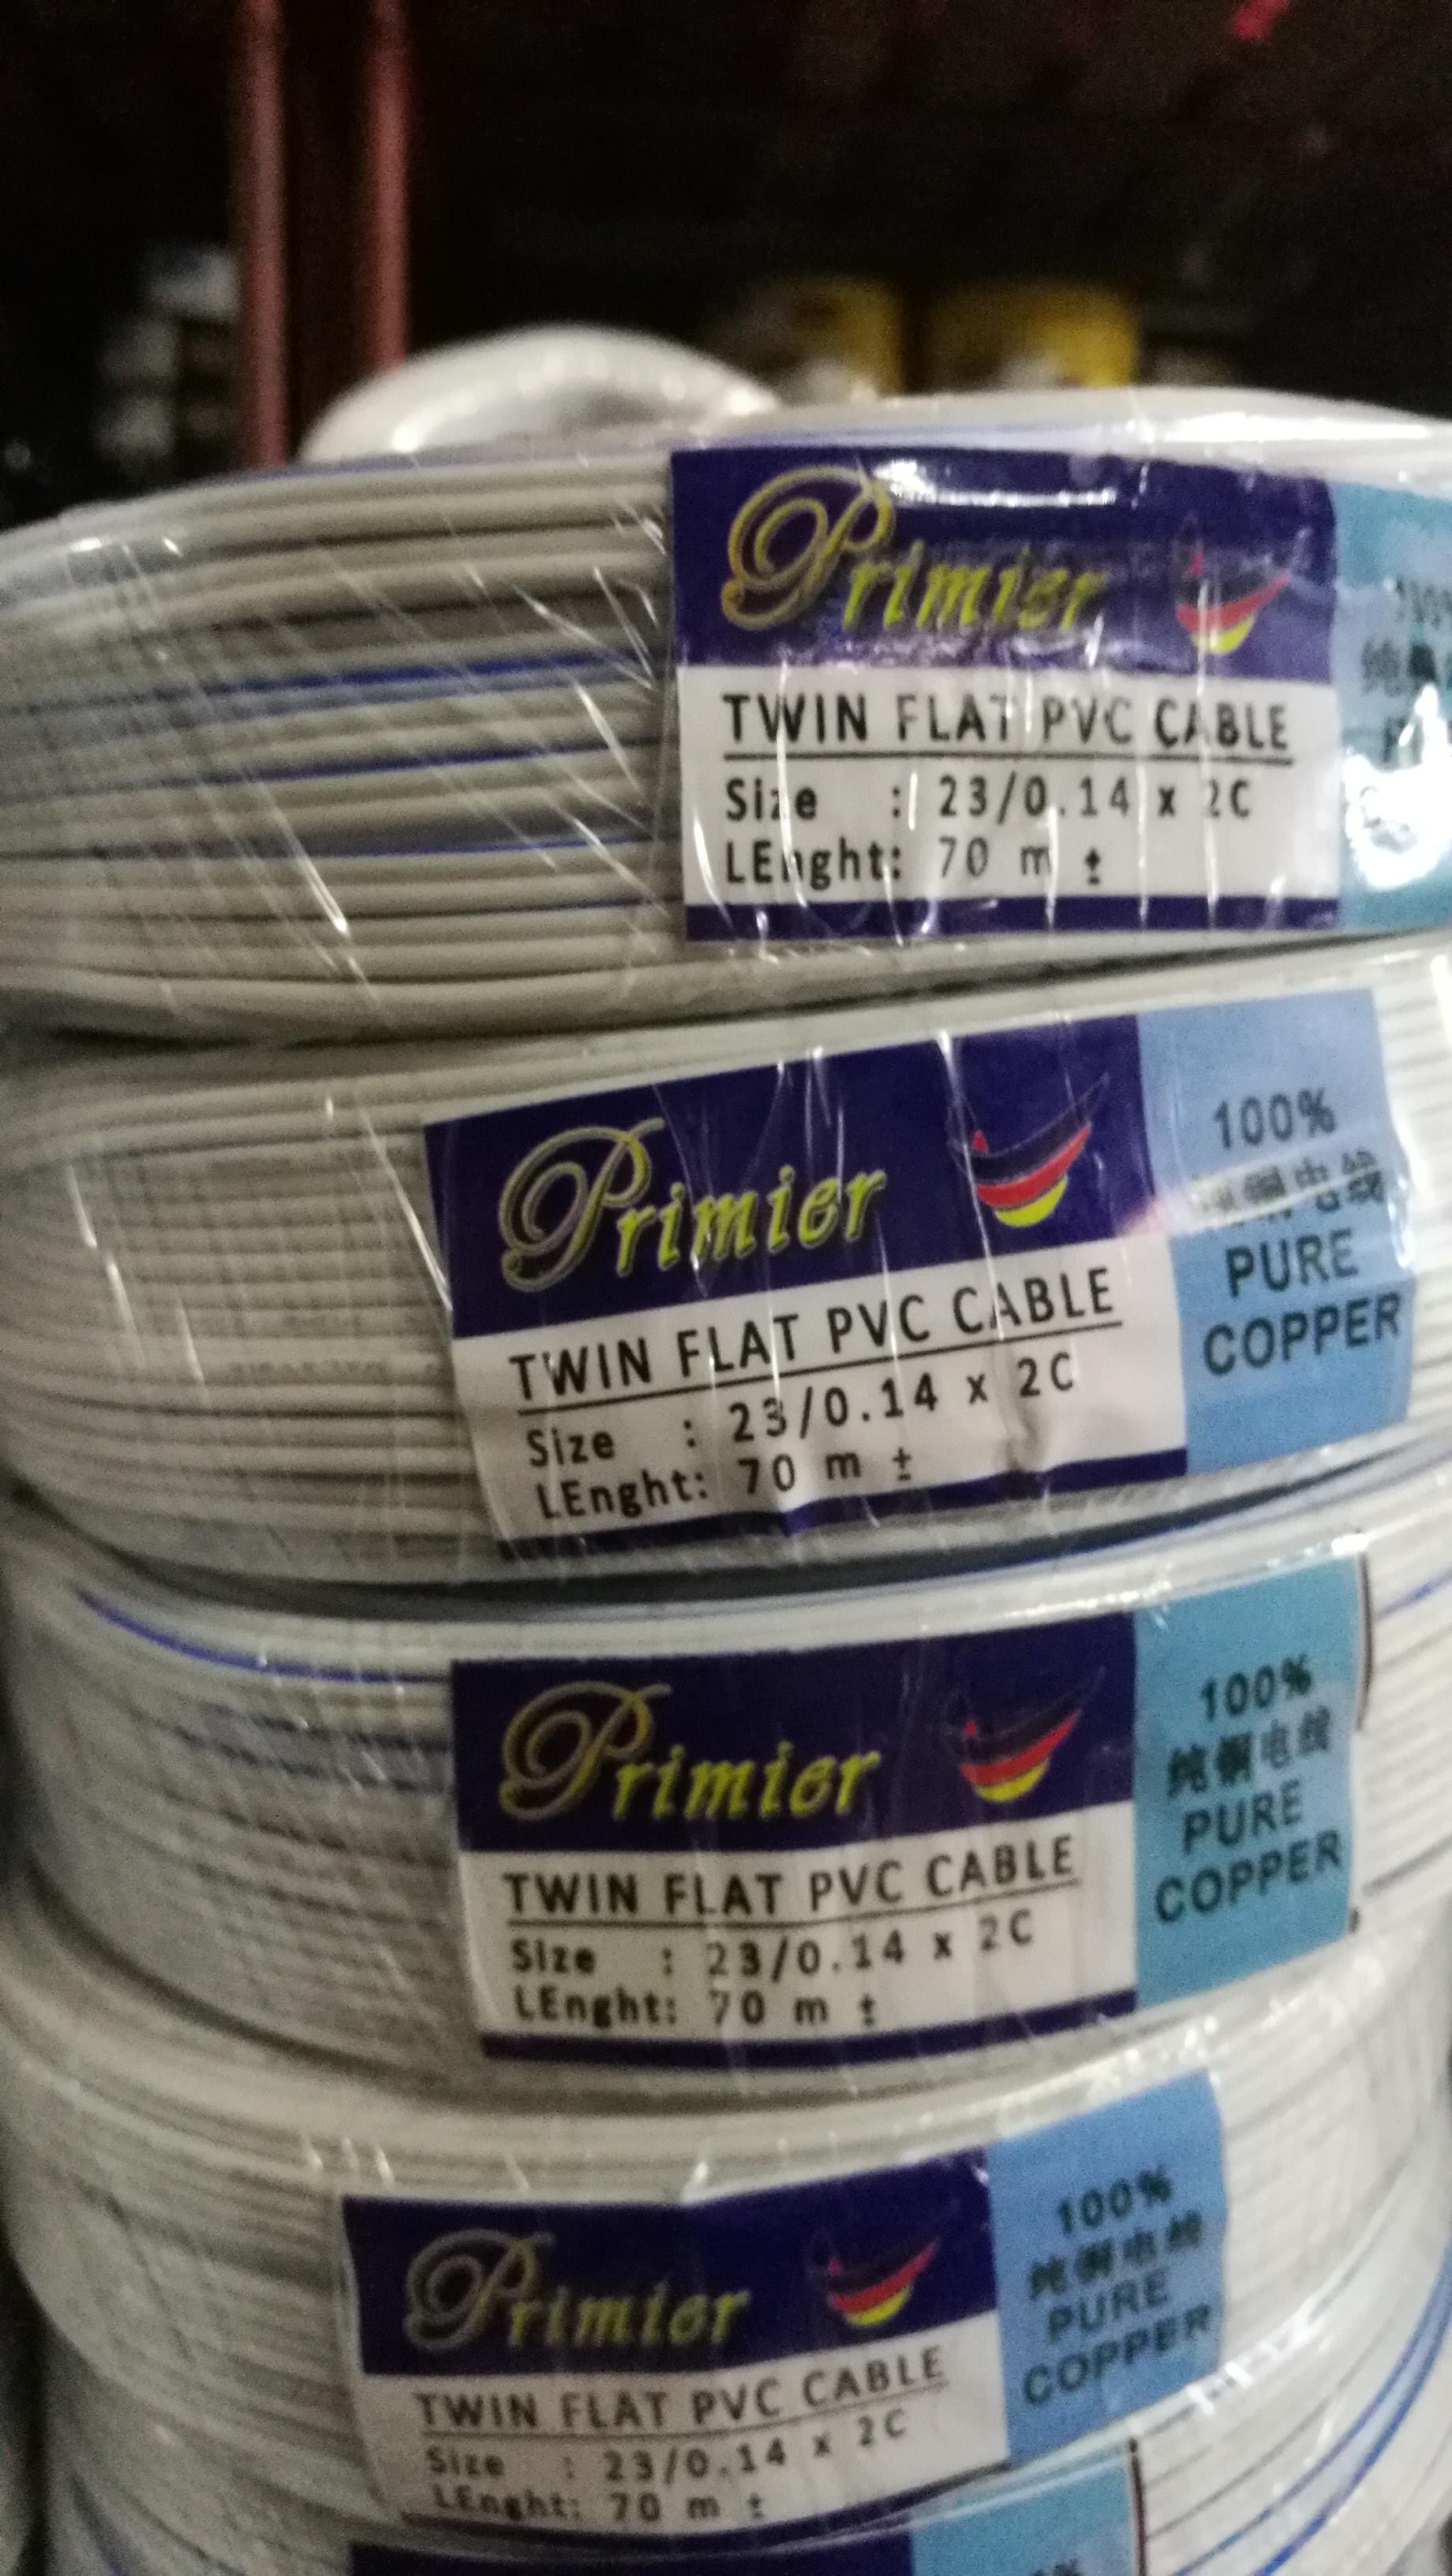 Primier twin flat pvc cable 23/0.14mm x2c 70m